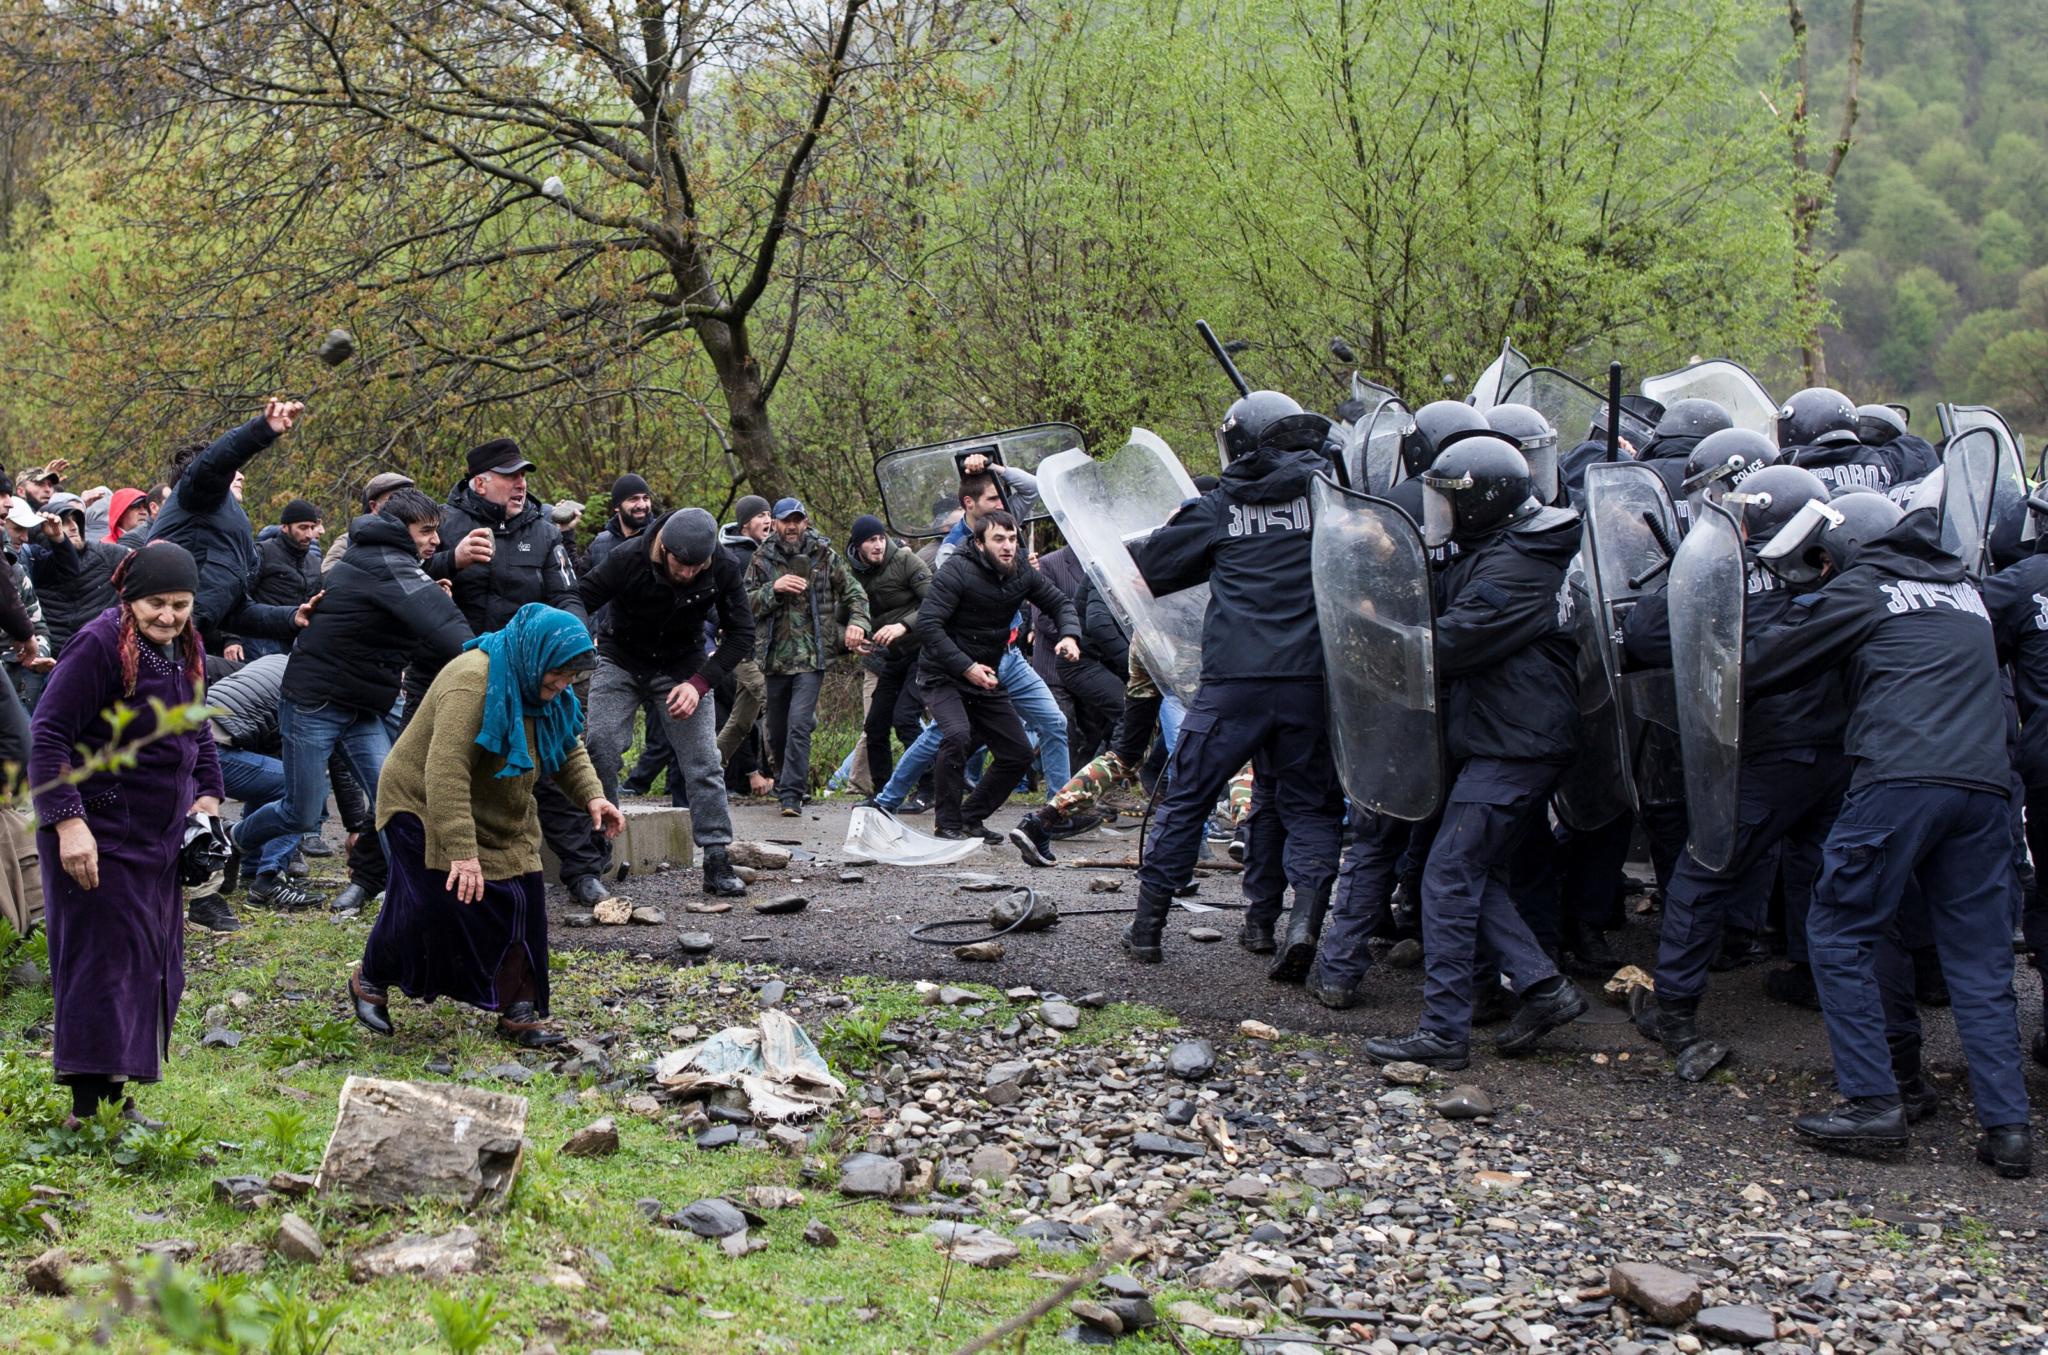 Столкновения между жителями Панкиси и спецназом полиции. Фото: REUTERS/Екатерина Анчевская. В Грузии население активно протестует против строительства новых гидроэлектростанций